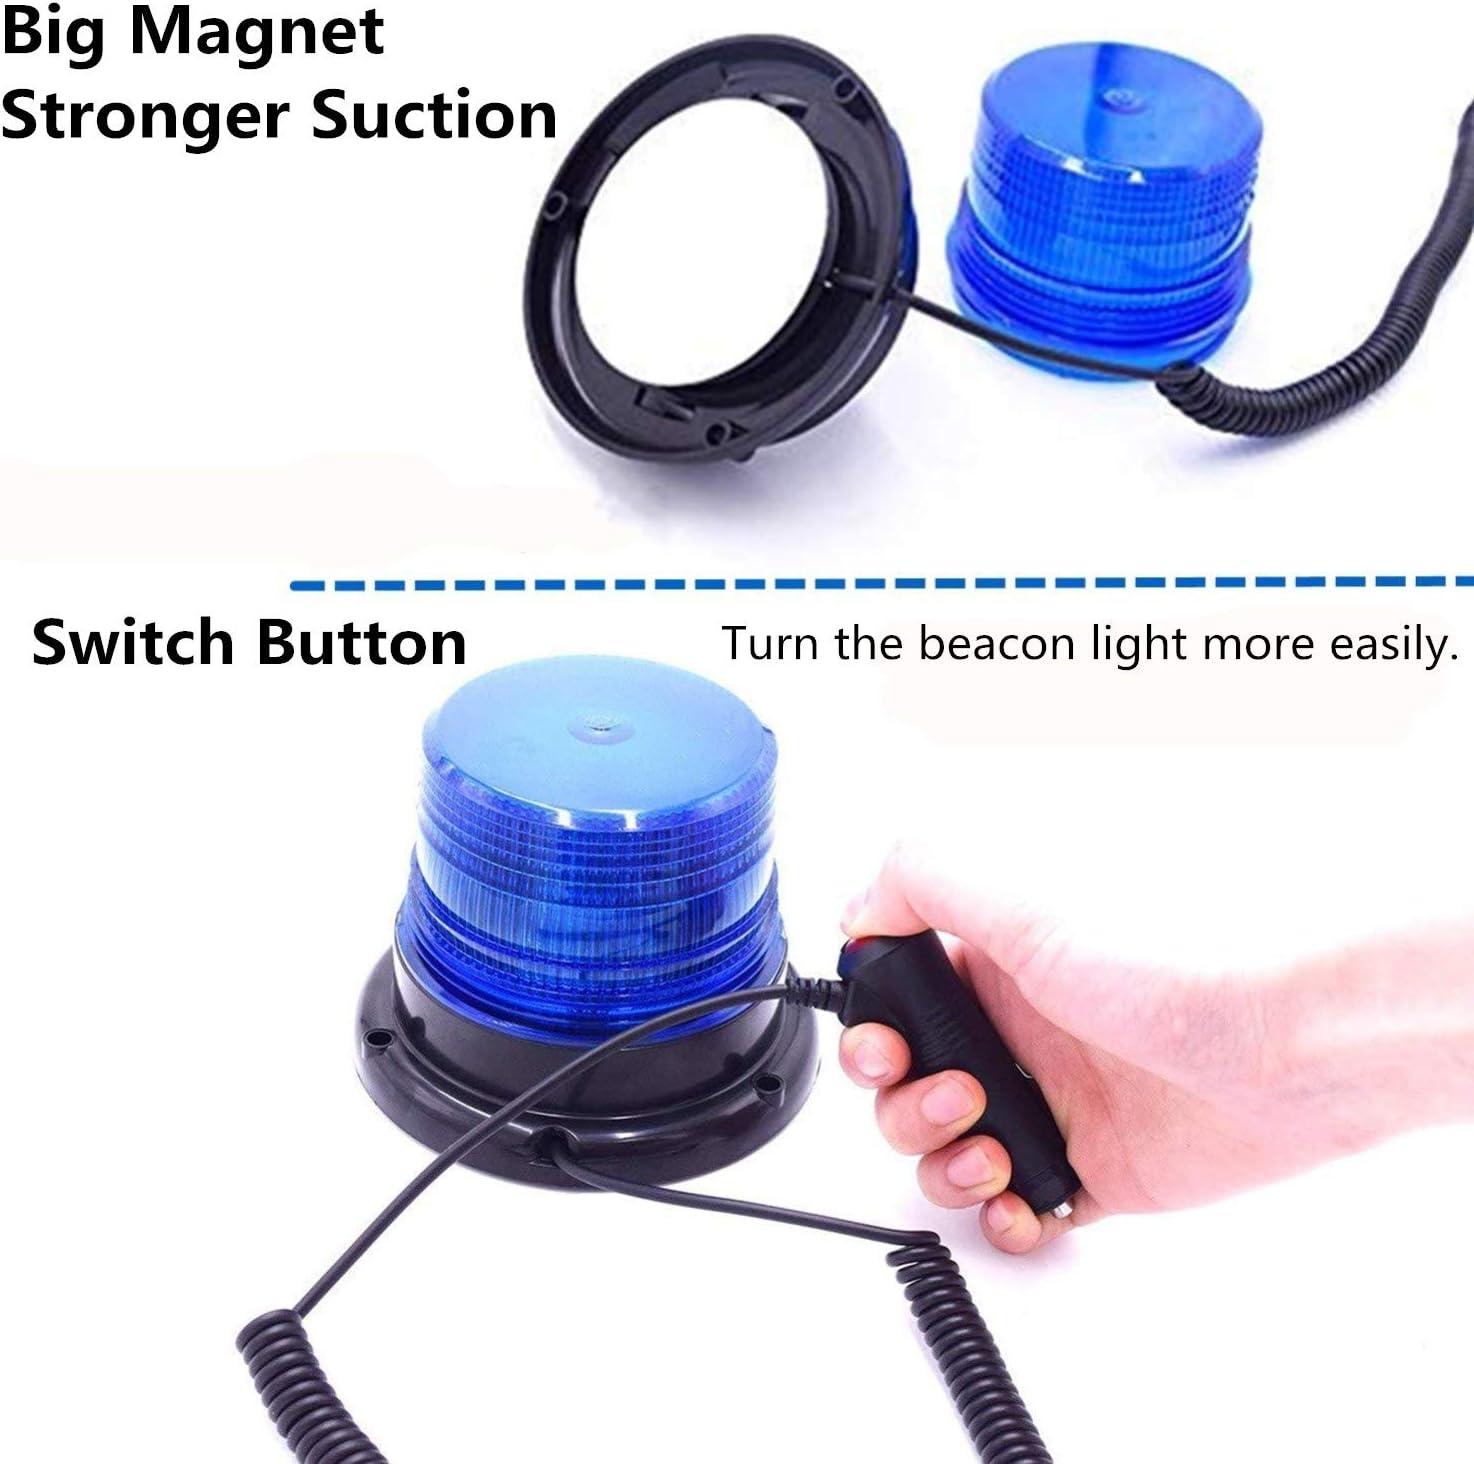 blau f/ür 12V und 24V,Blinkleuchte f/ür Warnleuchten Warnlicht Magnet Rundumleuchte Magnetmontage Zigarettenanz/ünder